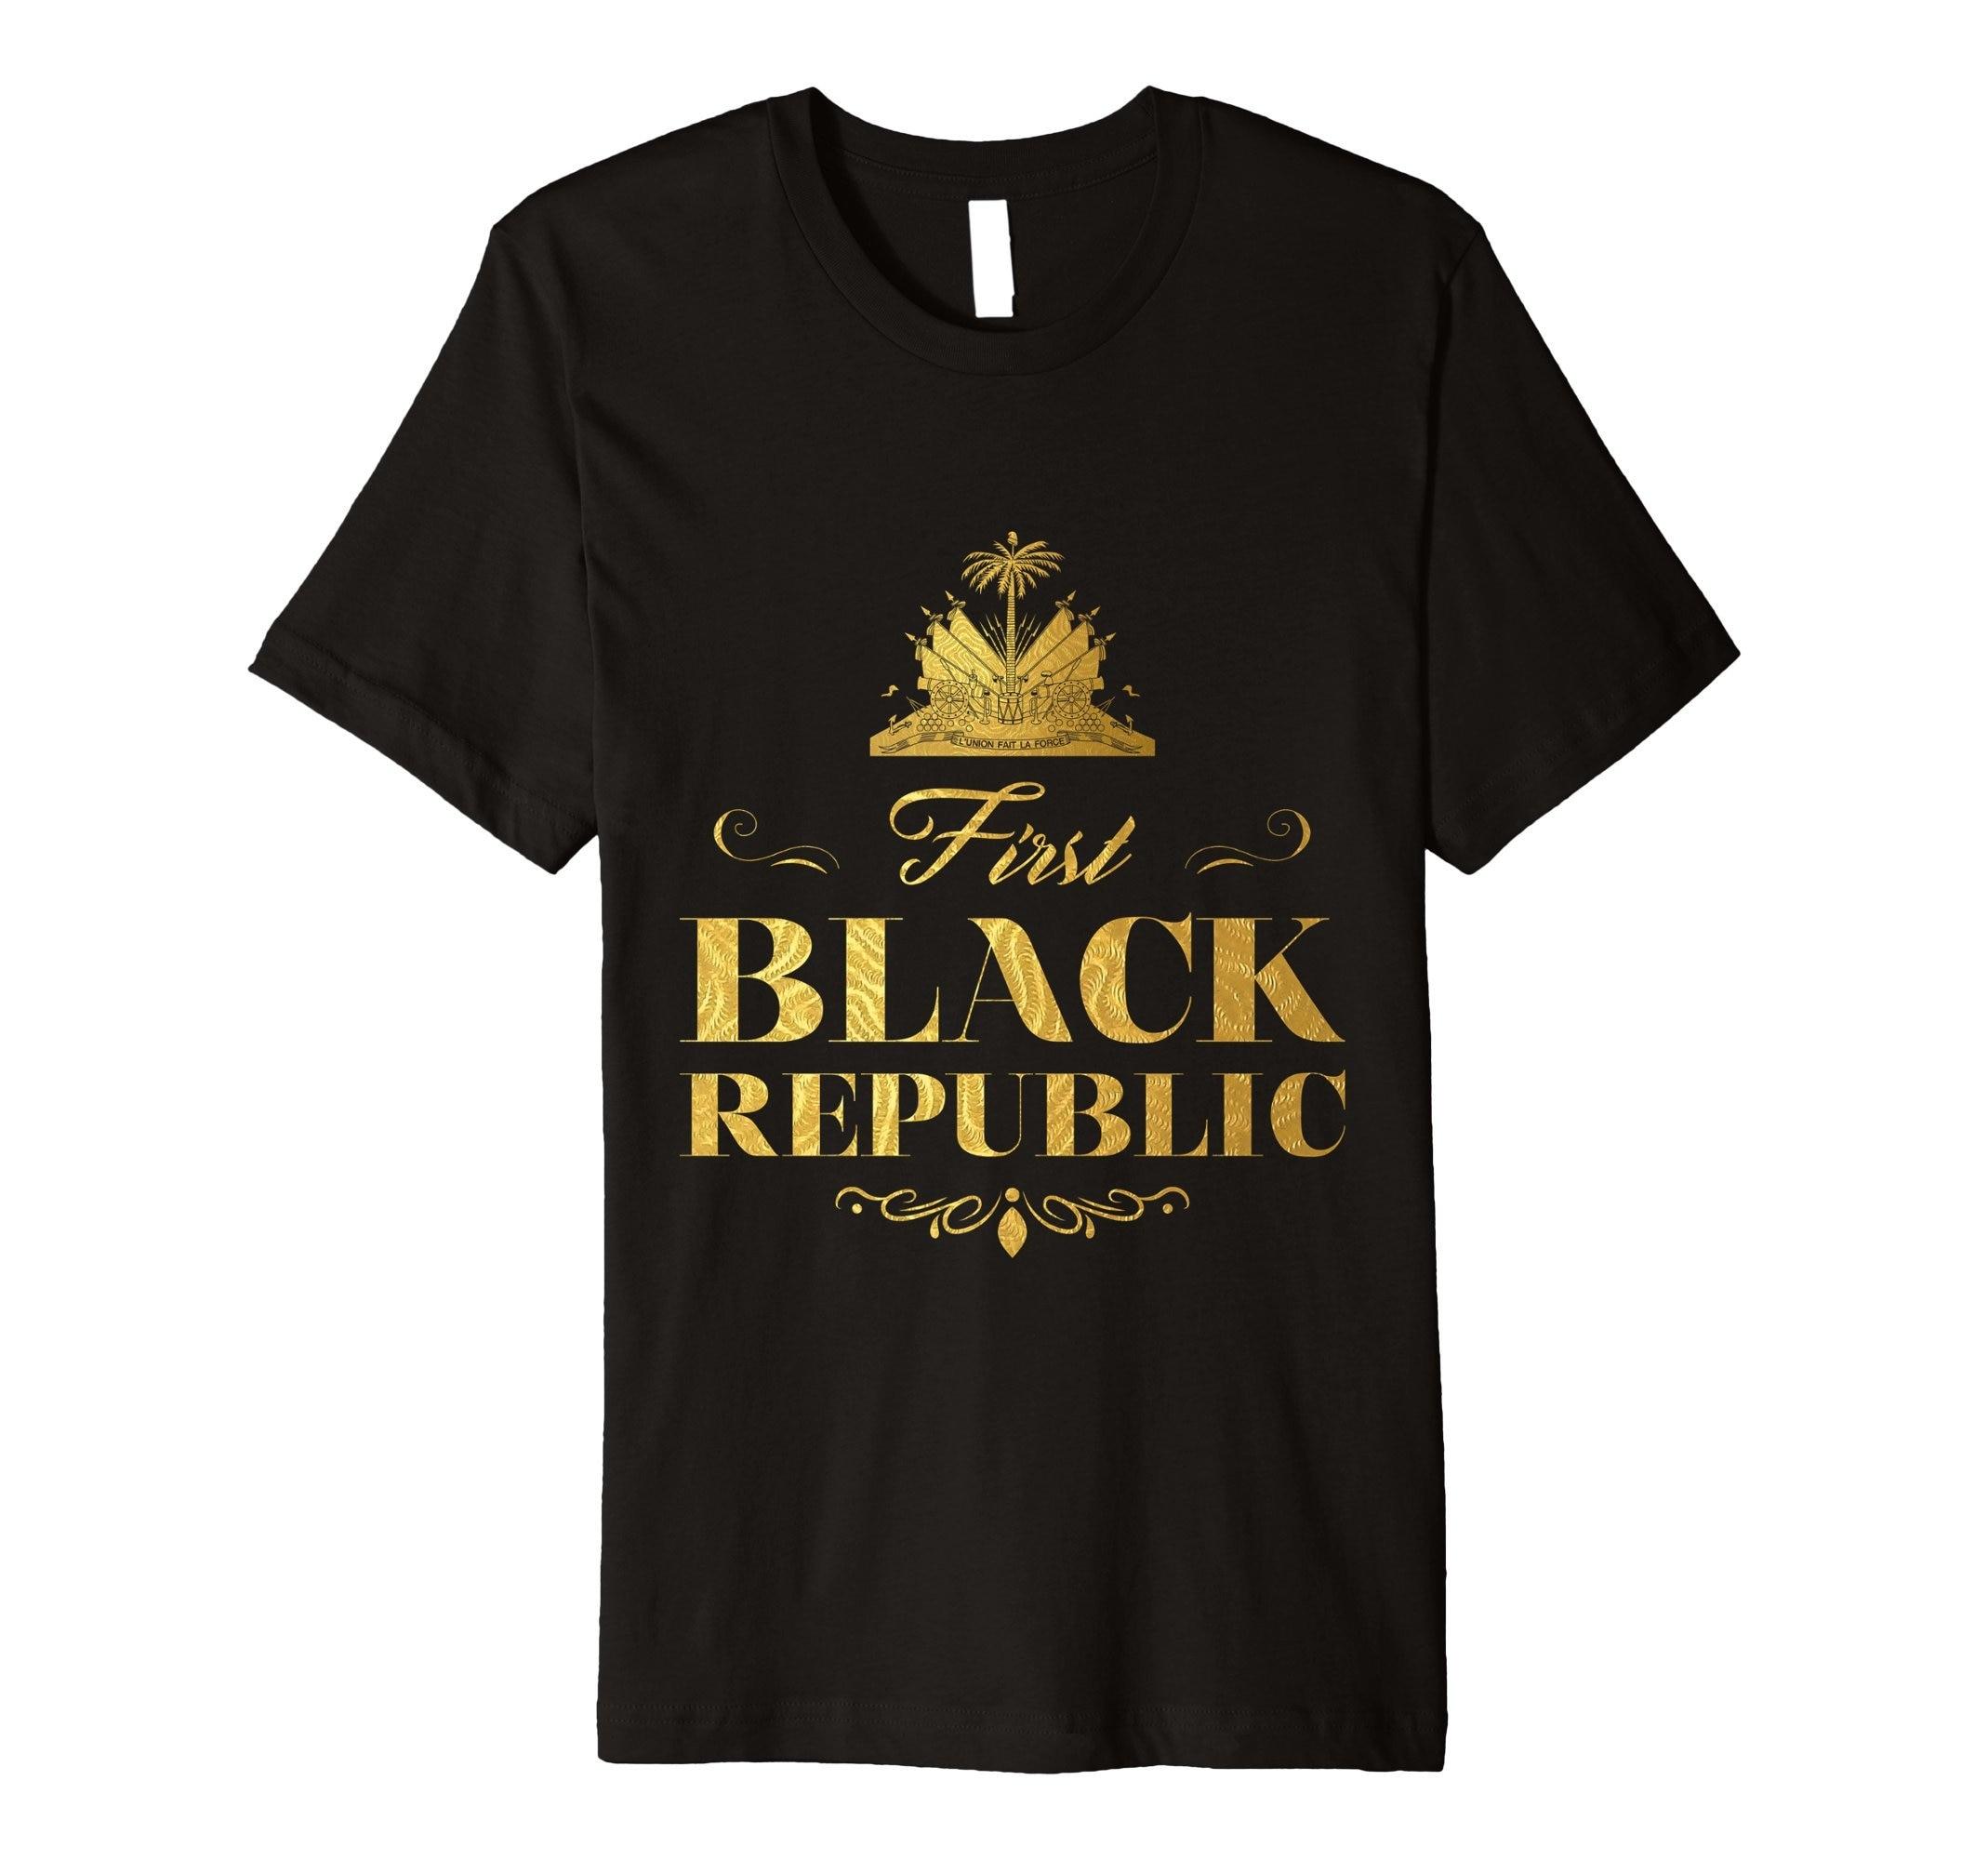 Camiseta divertida para hombre, nueva camiseta de manga corta para mujer, primera camiseta negra de la República de Haití, camiseta artística con bandera dorada 017968